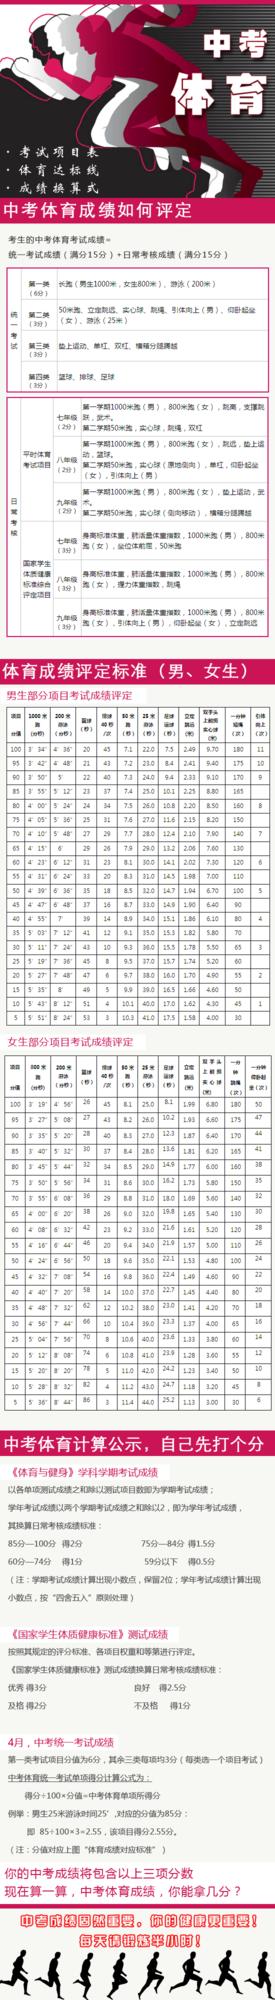 中考体育分数何来?帮你解读上海的中考体育评分标准